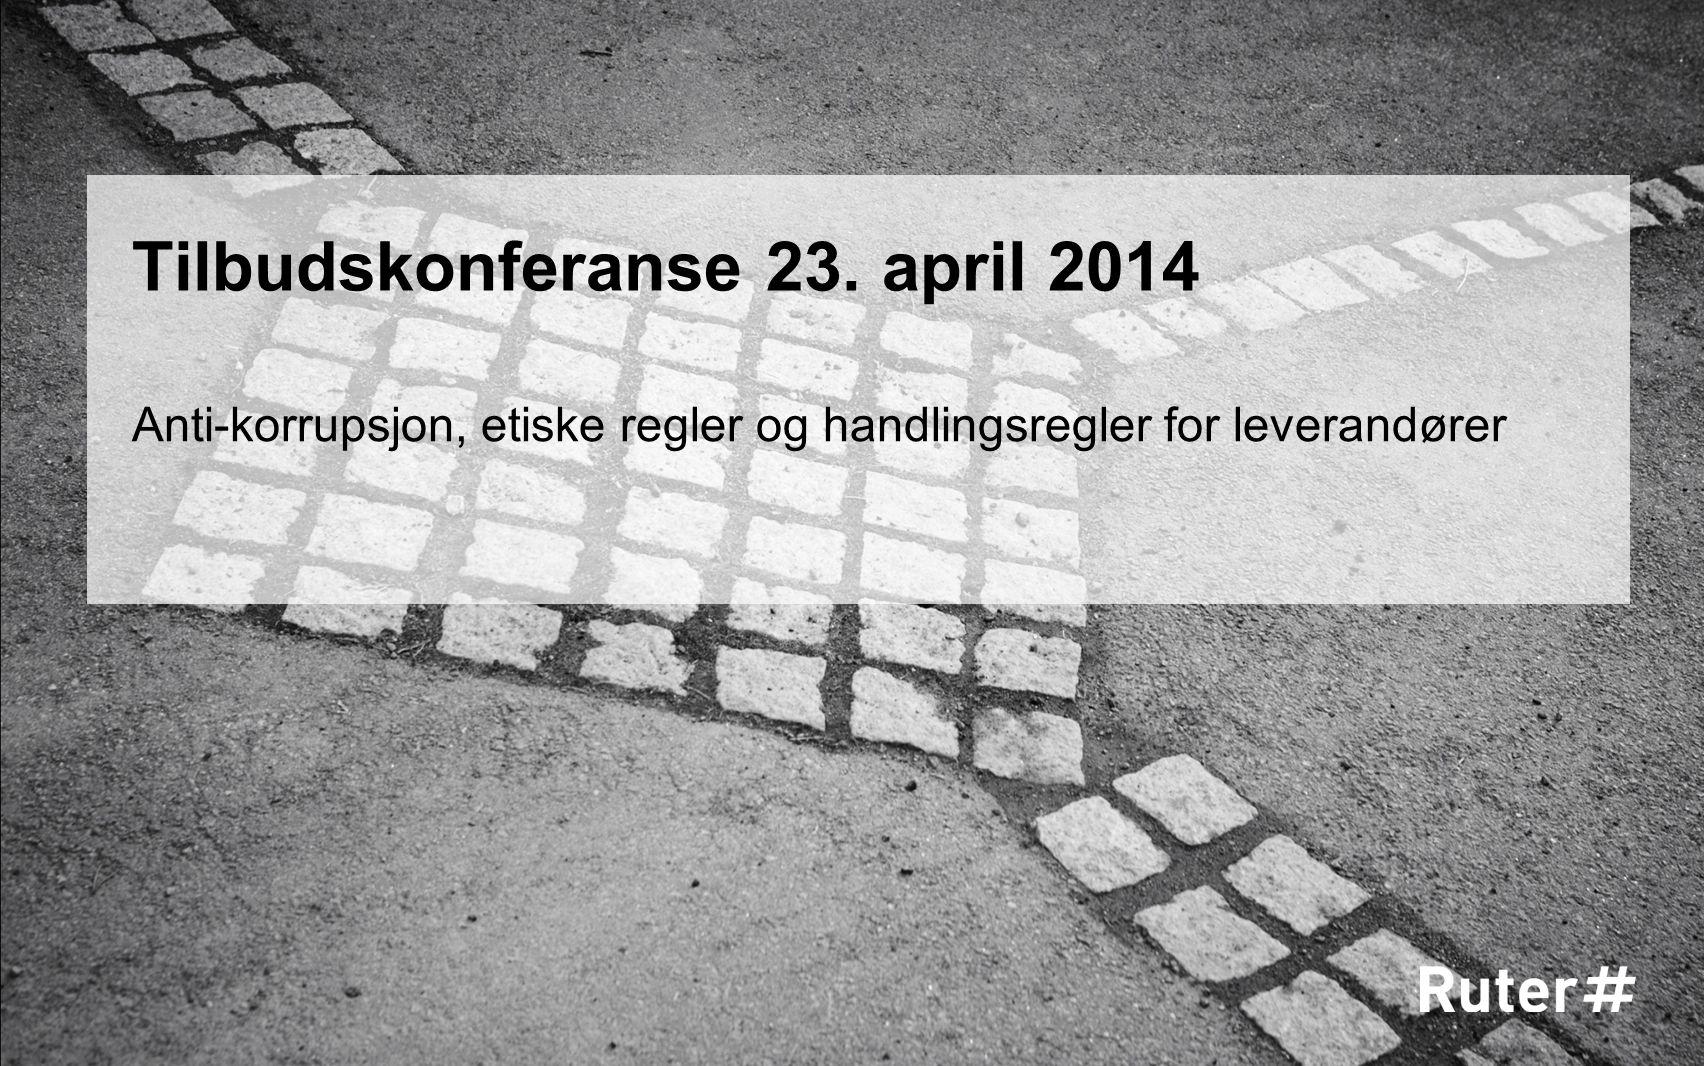 Tilbudskonferanse 23. april 2014 Anti-korrupsjon, etiske regler og handlingsregler for leverandører